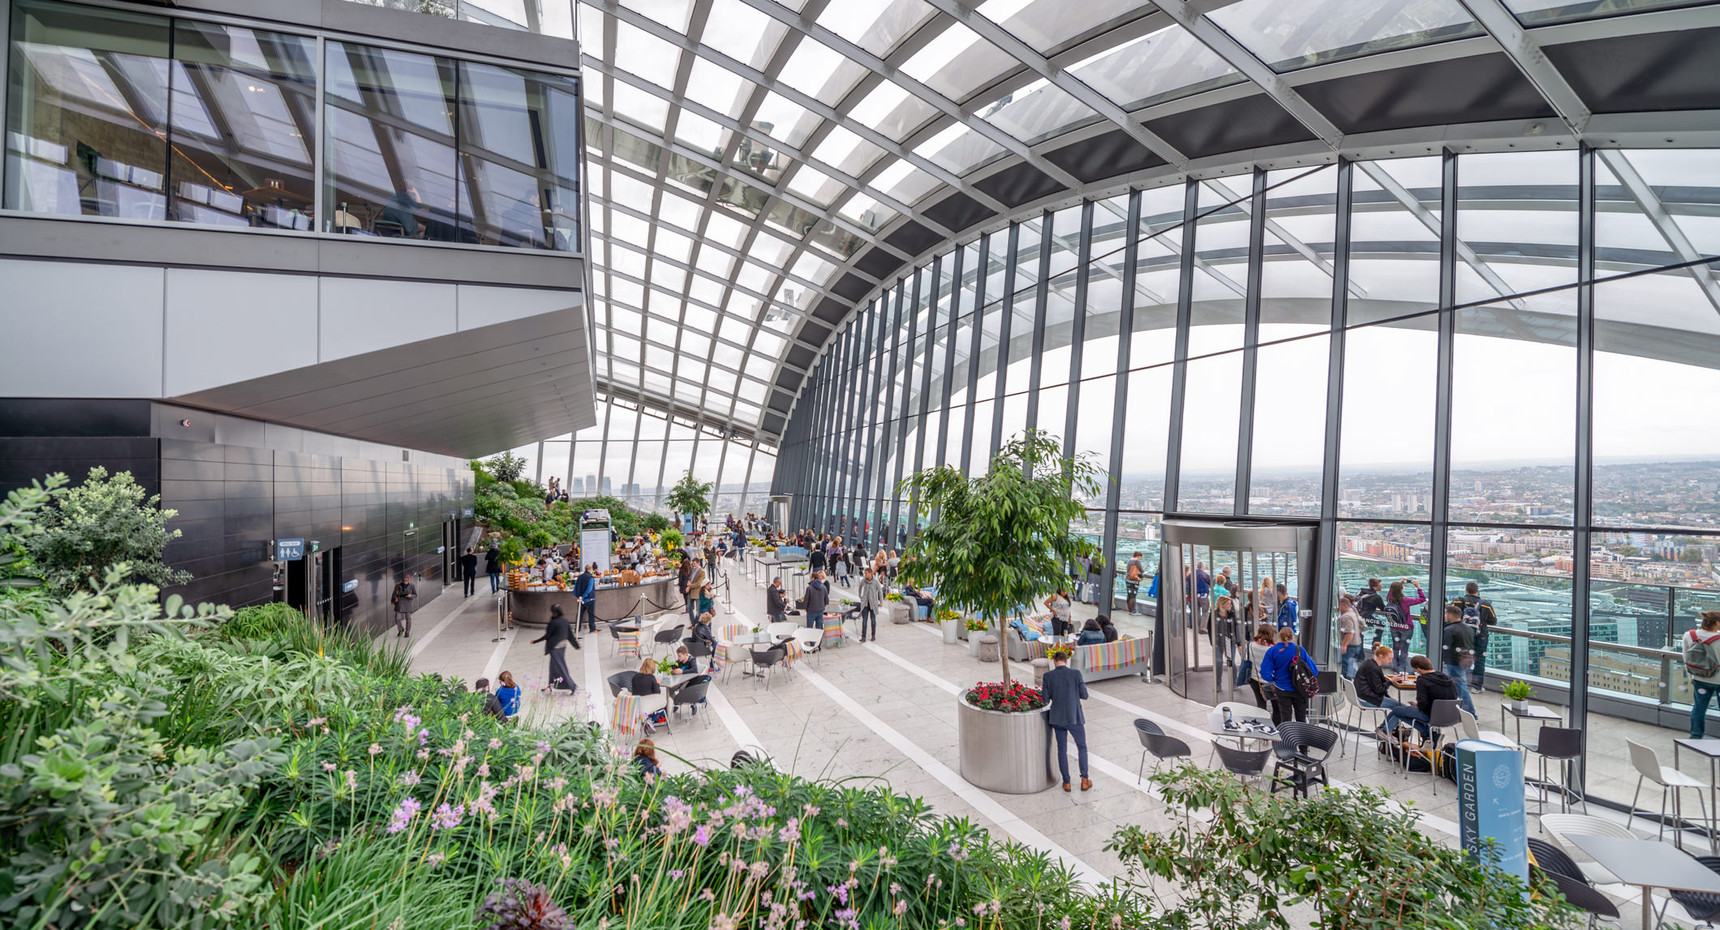 Sky garden interior